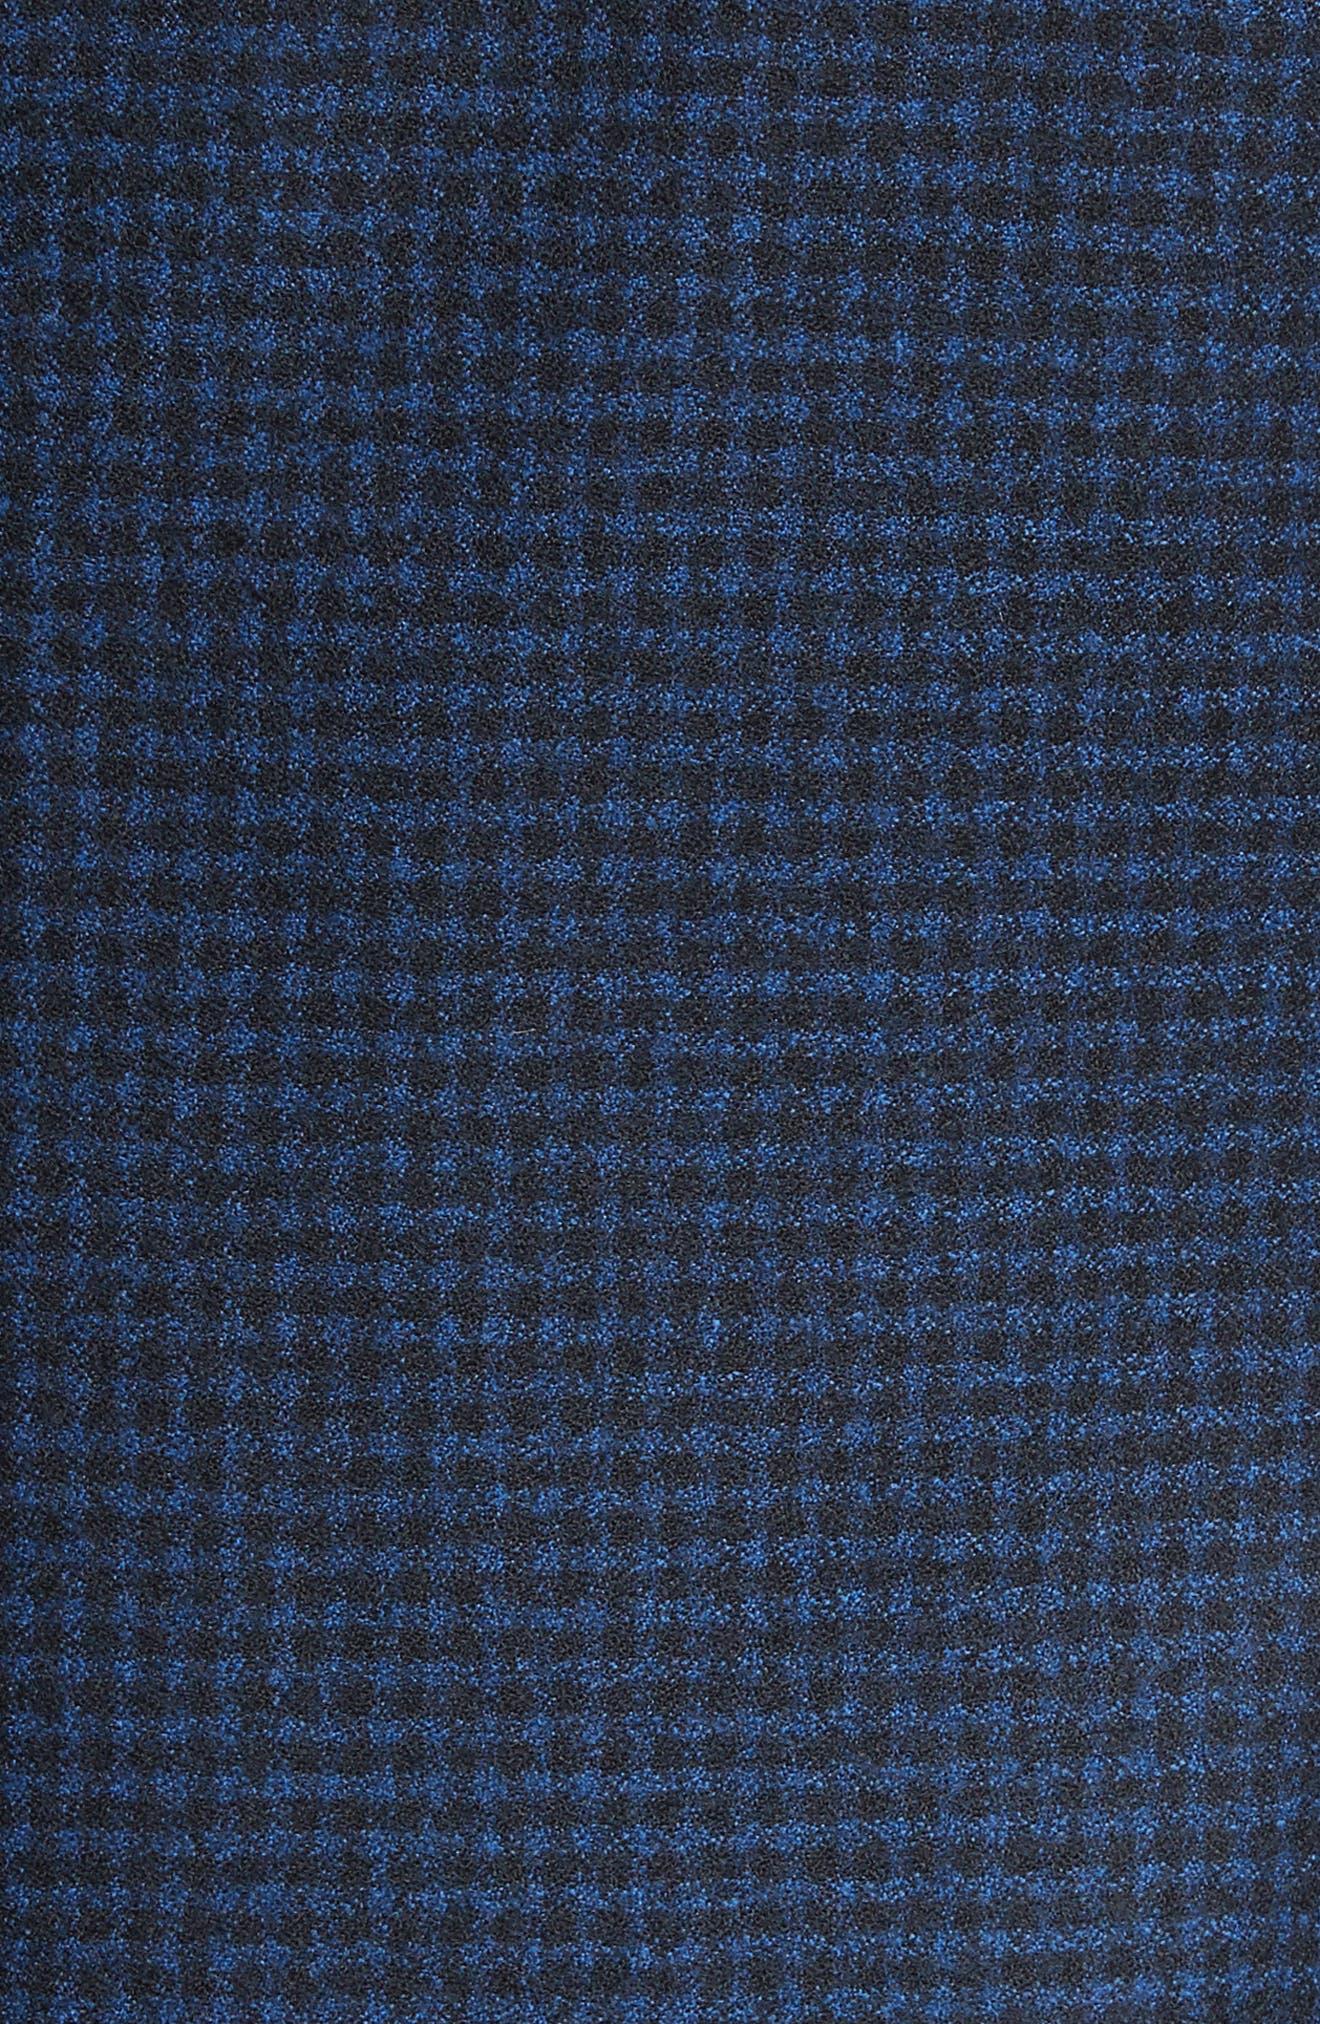 ARMANI COLLEZIONI,                             G-Line Trim Fit Check Wool Sport Coat,                             Alternate thumbnail 5, color,                             410